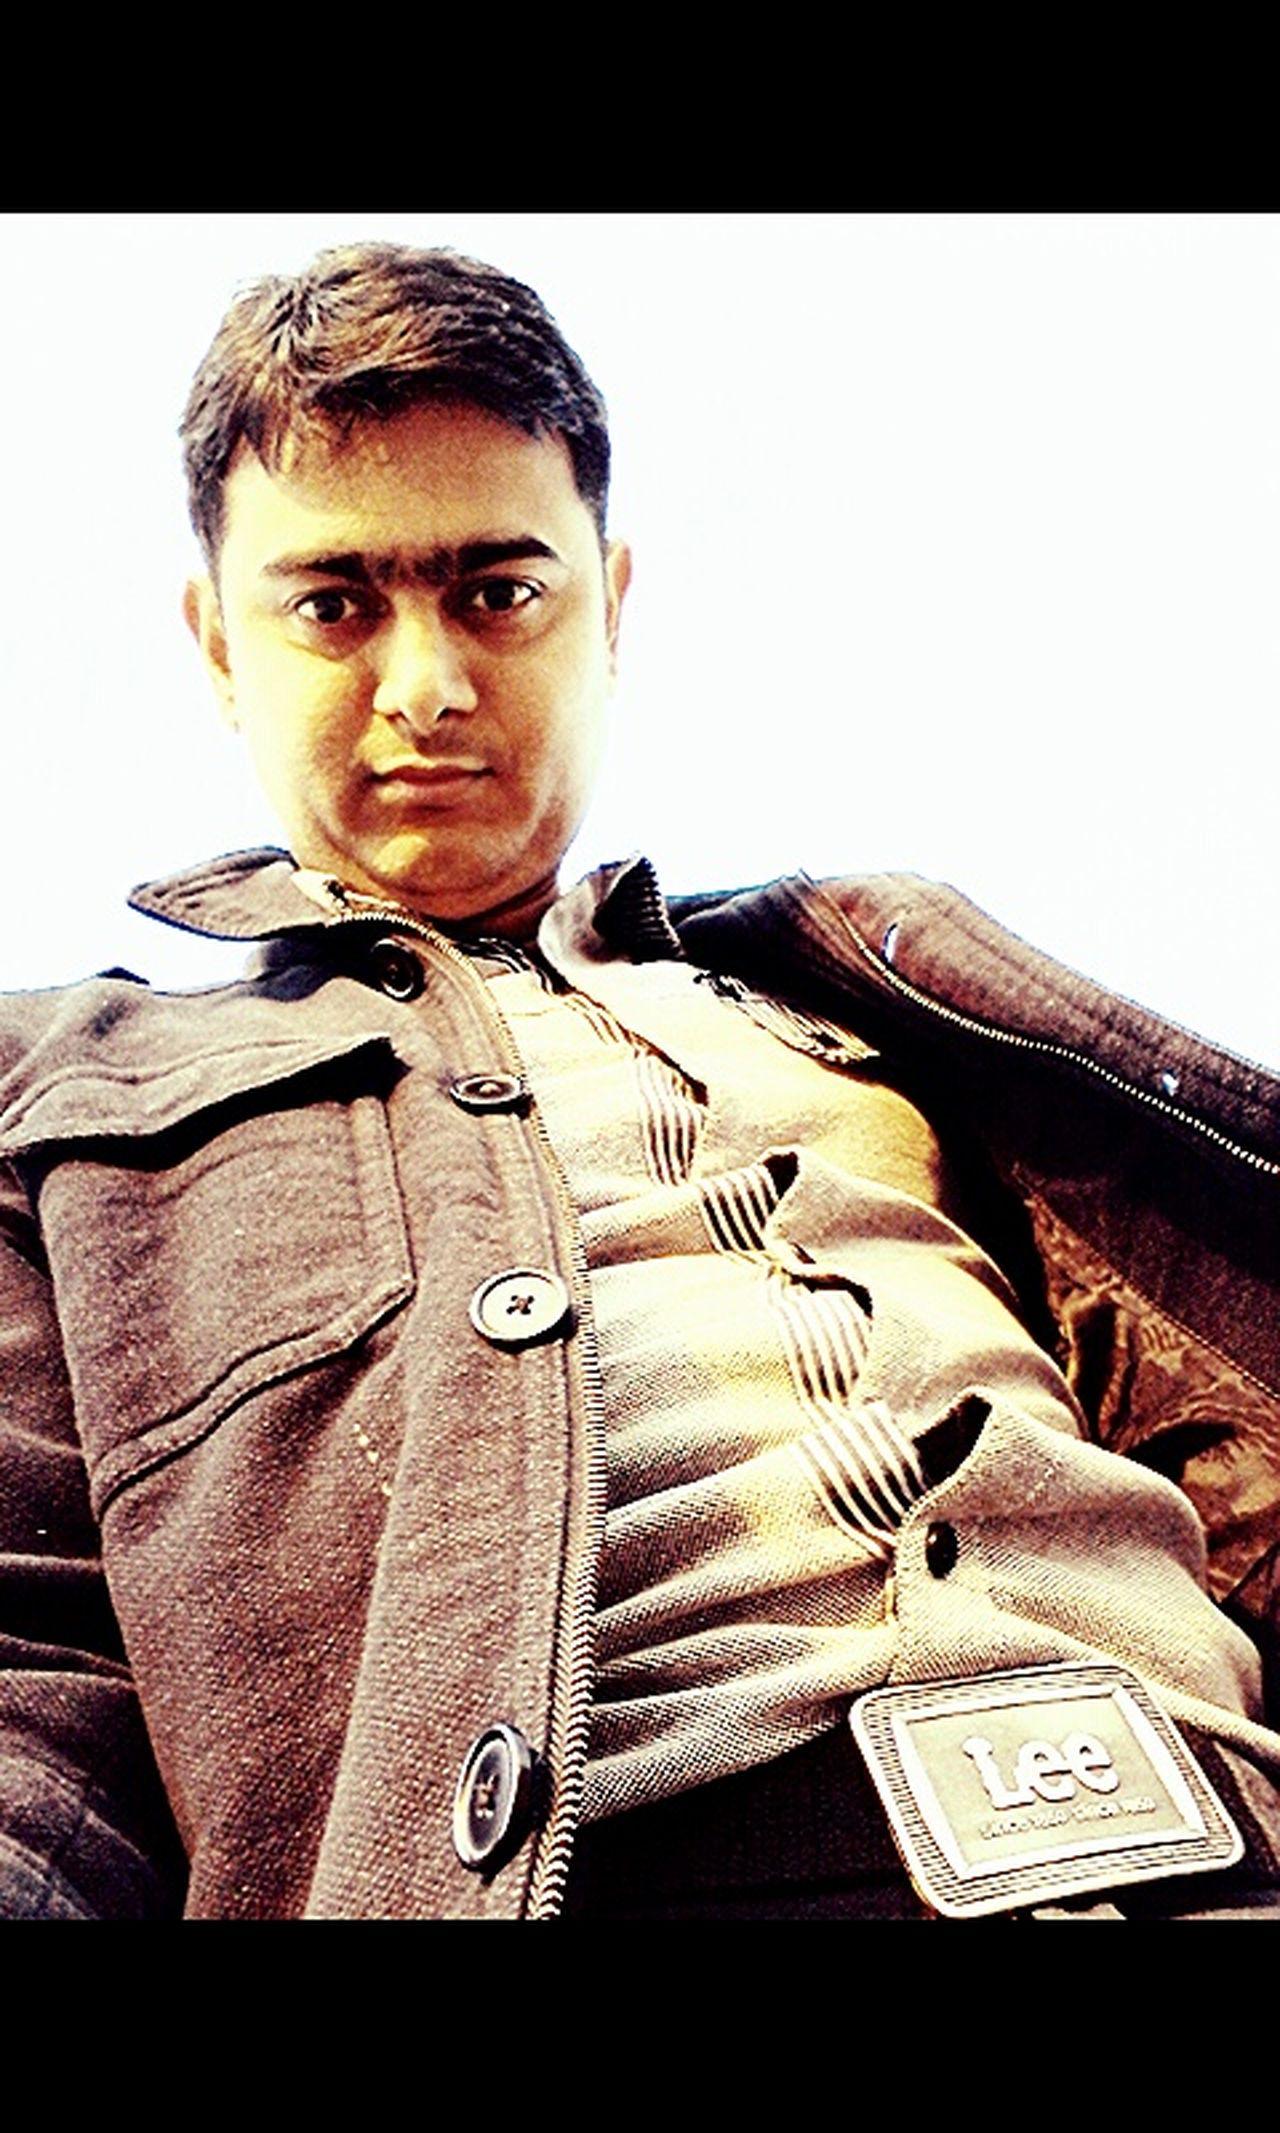 Boysfashion Farooq Rathod MF Modeling